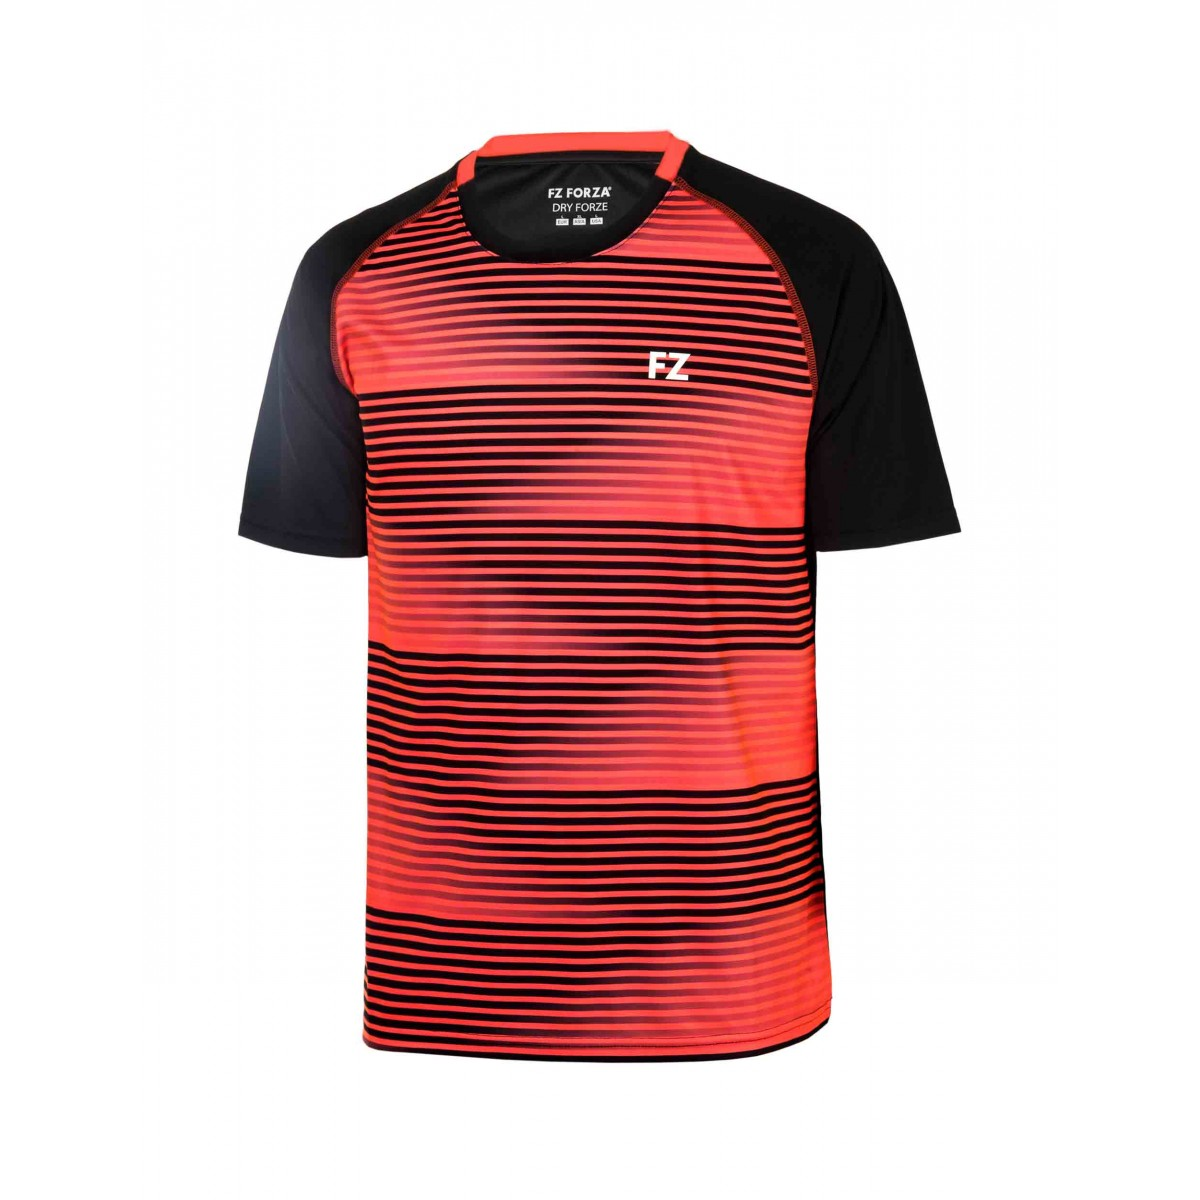 FZ Dubai T-shirt